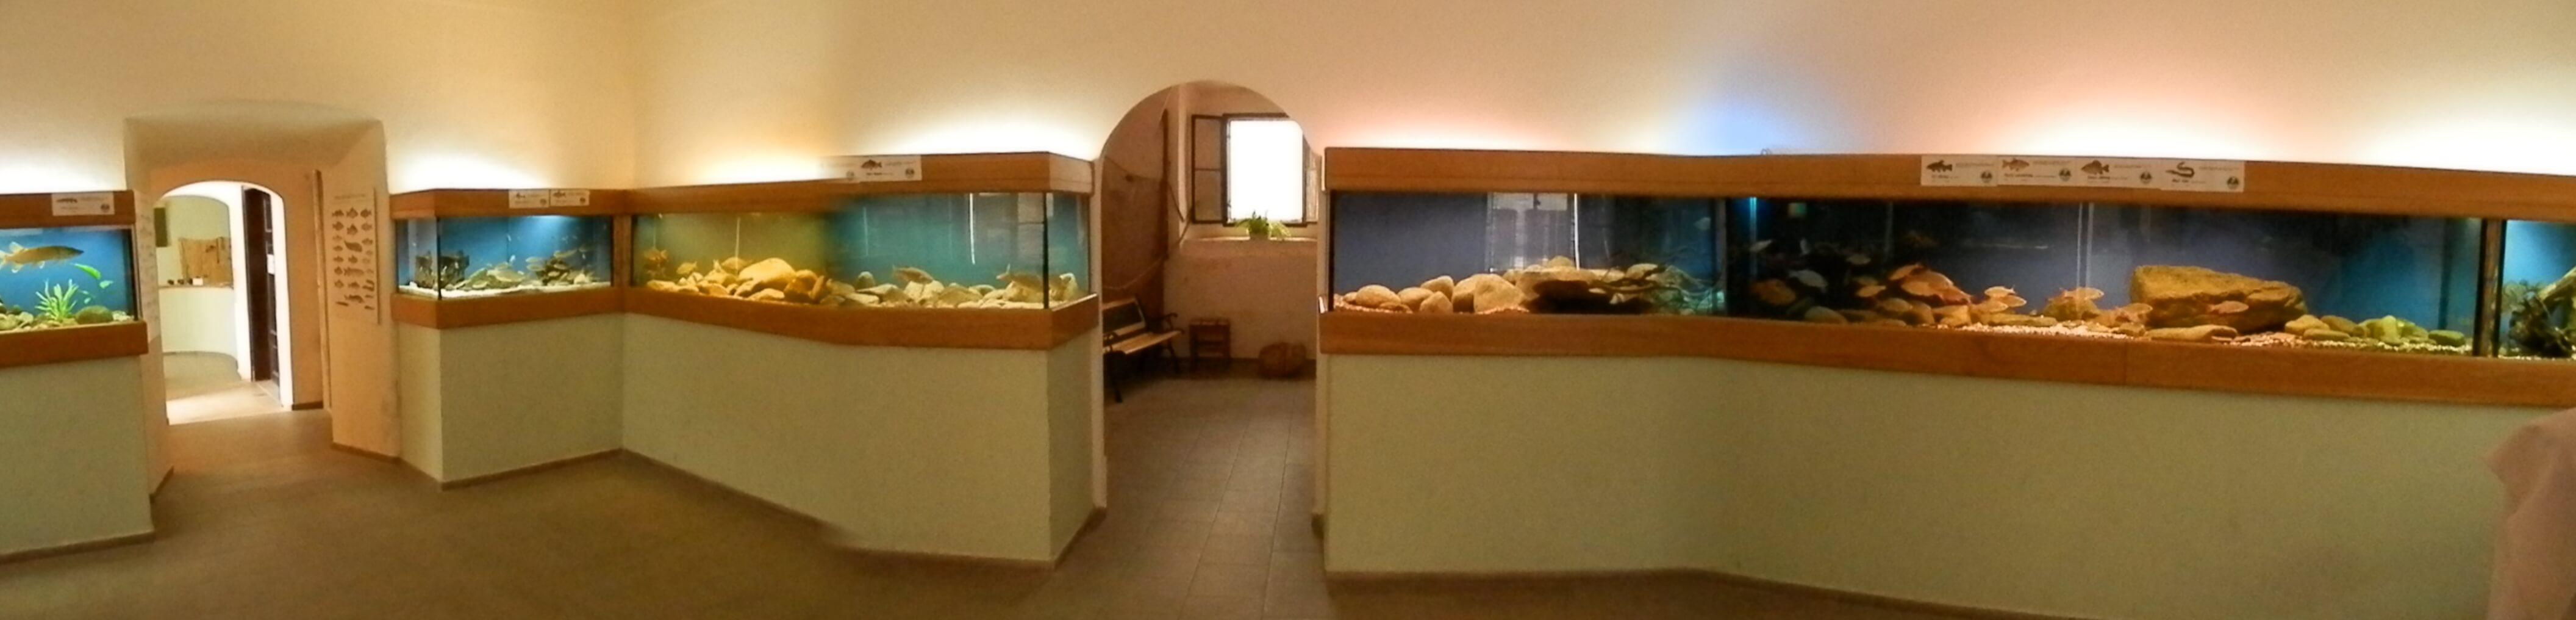 Akvárium Krčínův dům